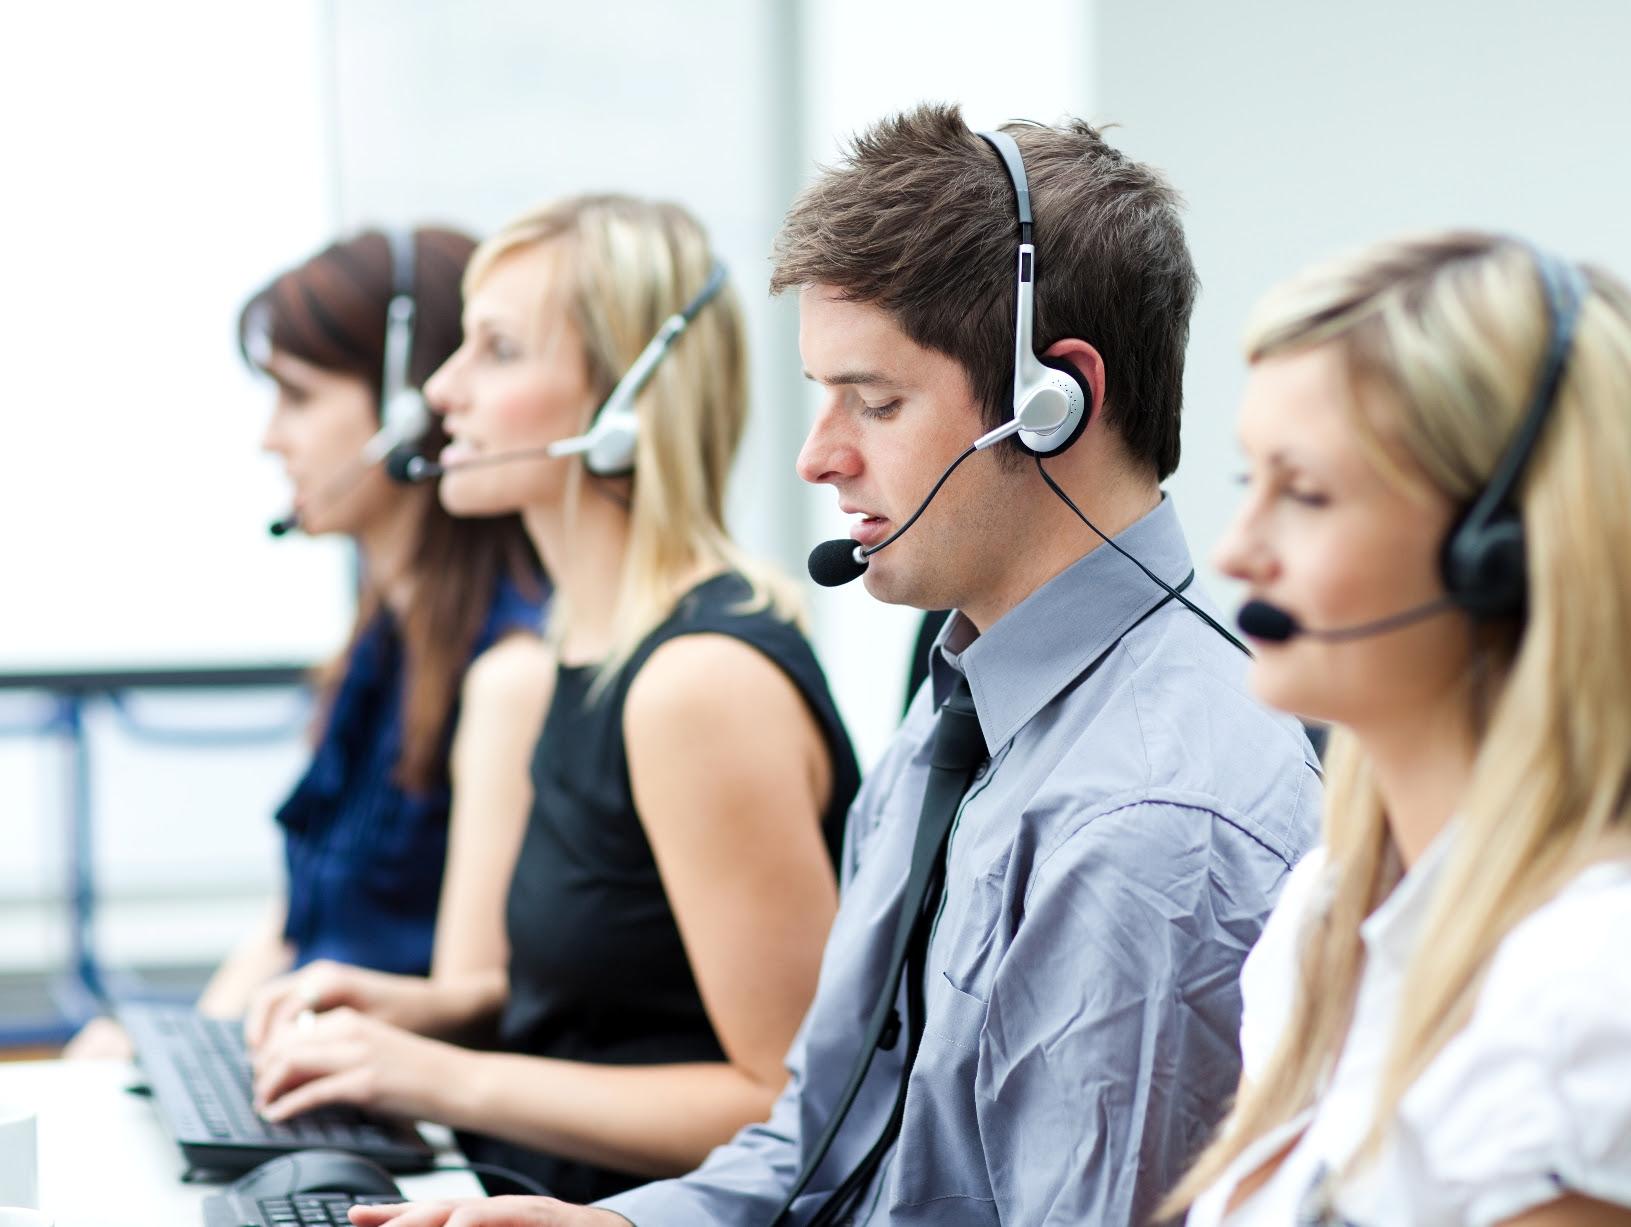 telemarketing fraude clt